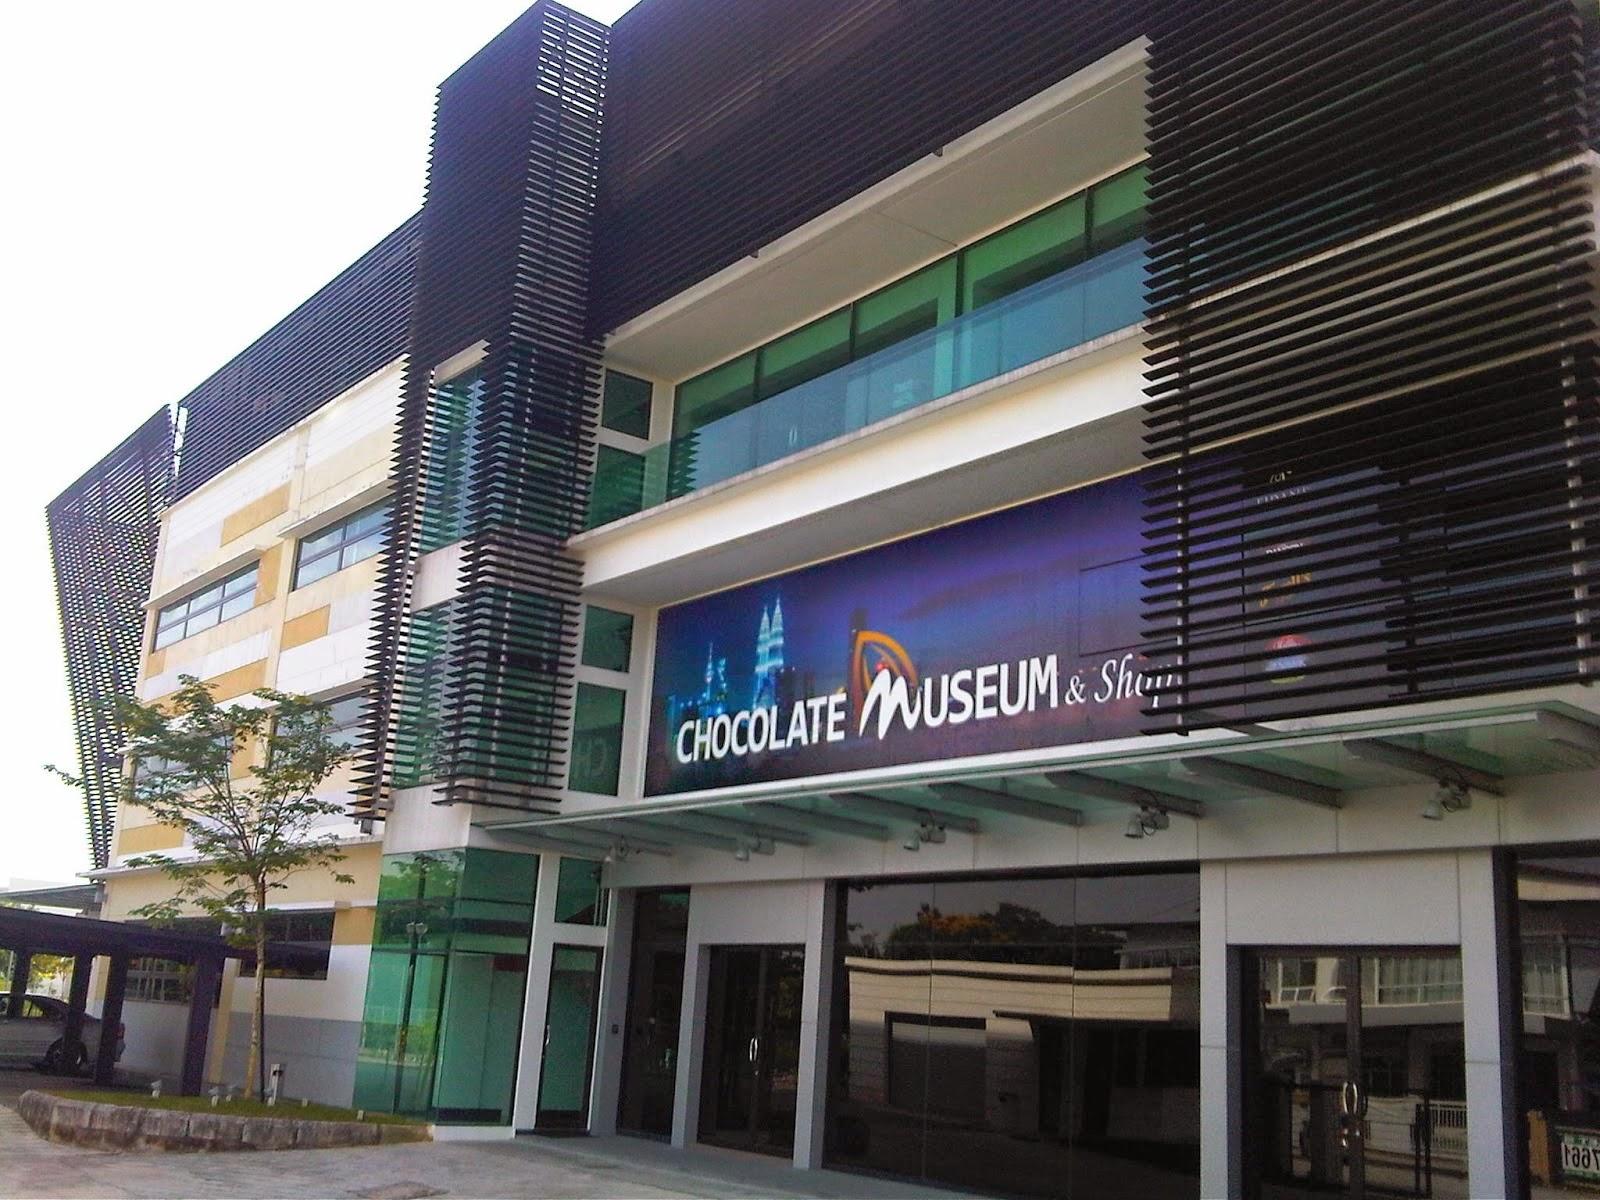 Chocolate Museum Damansara Chocolate Museum Was Built